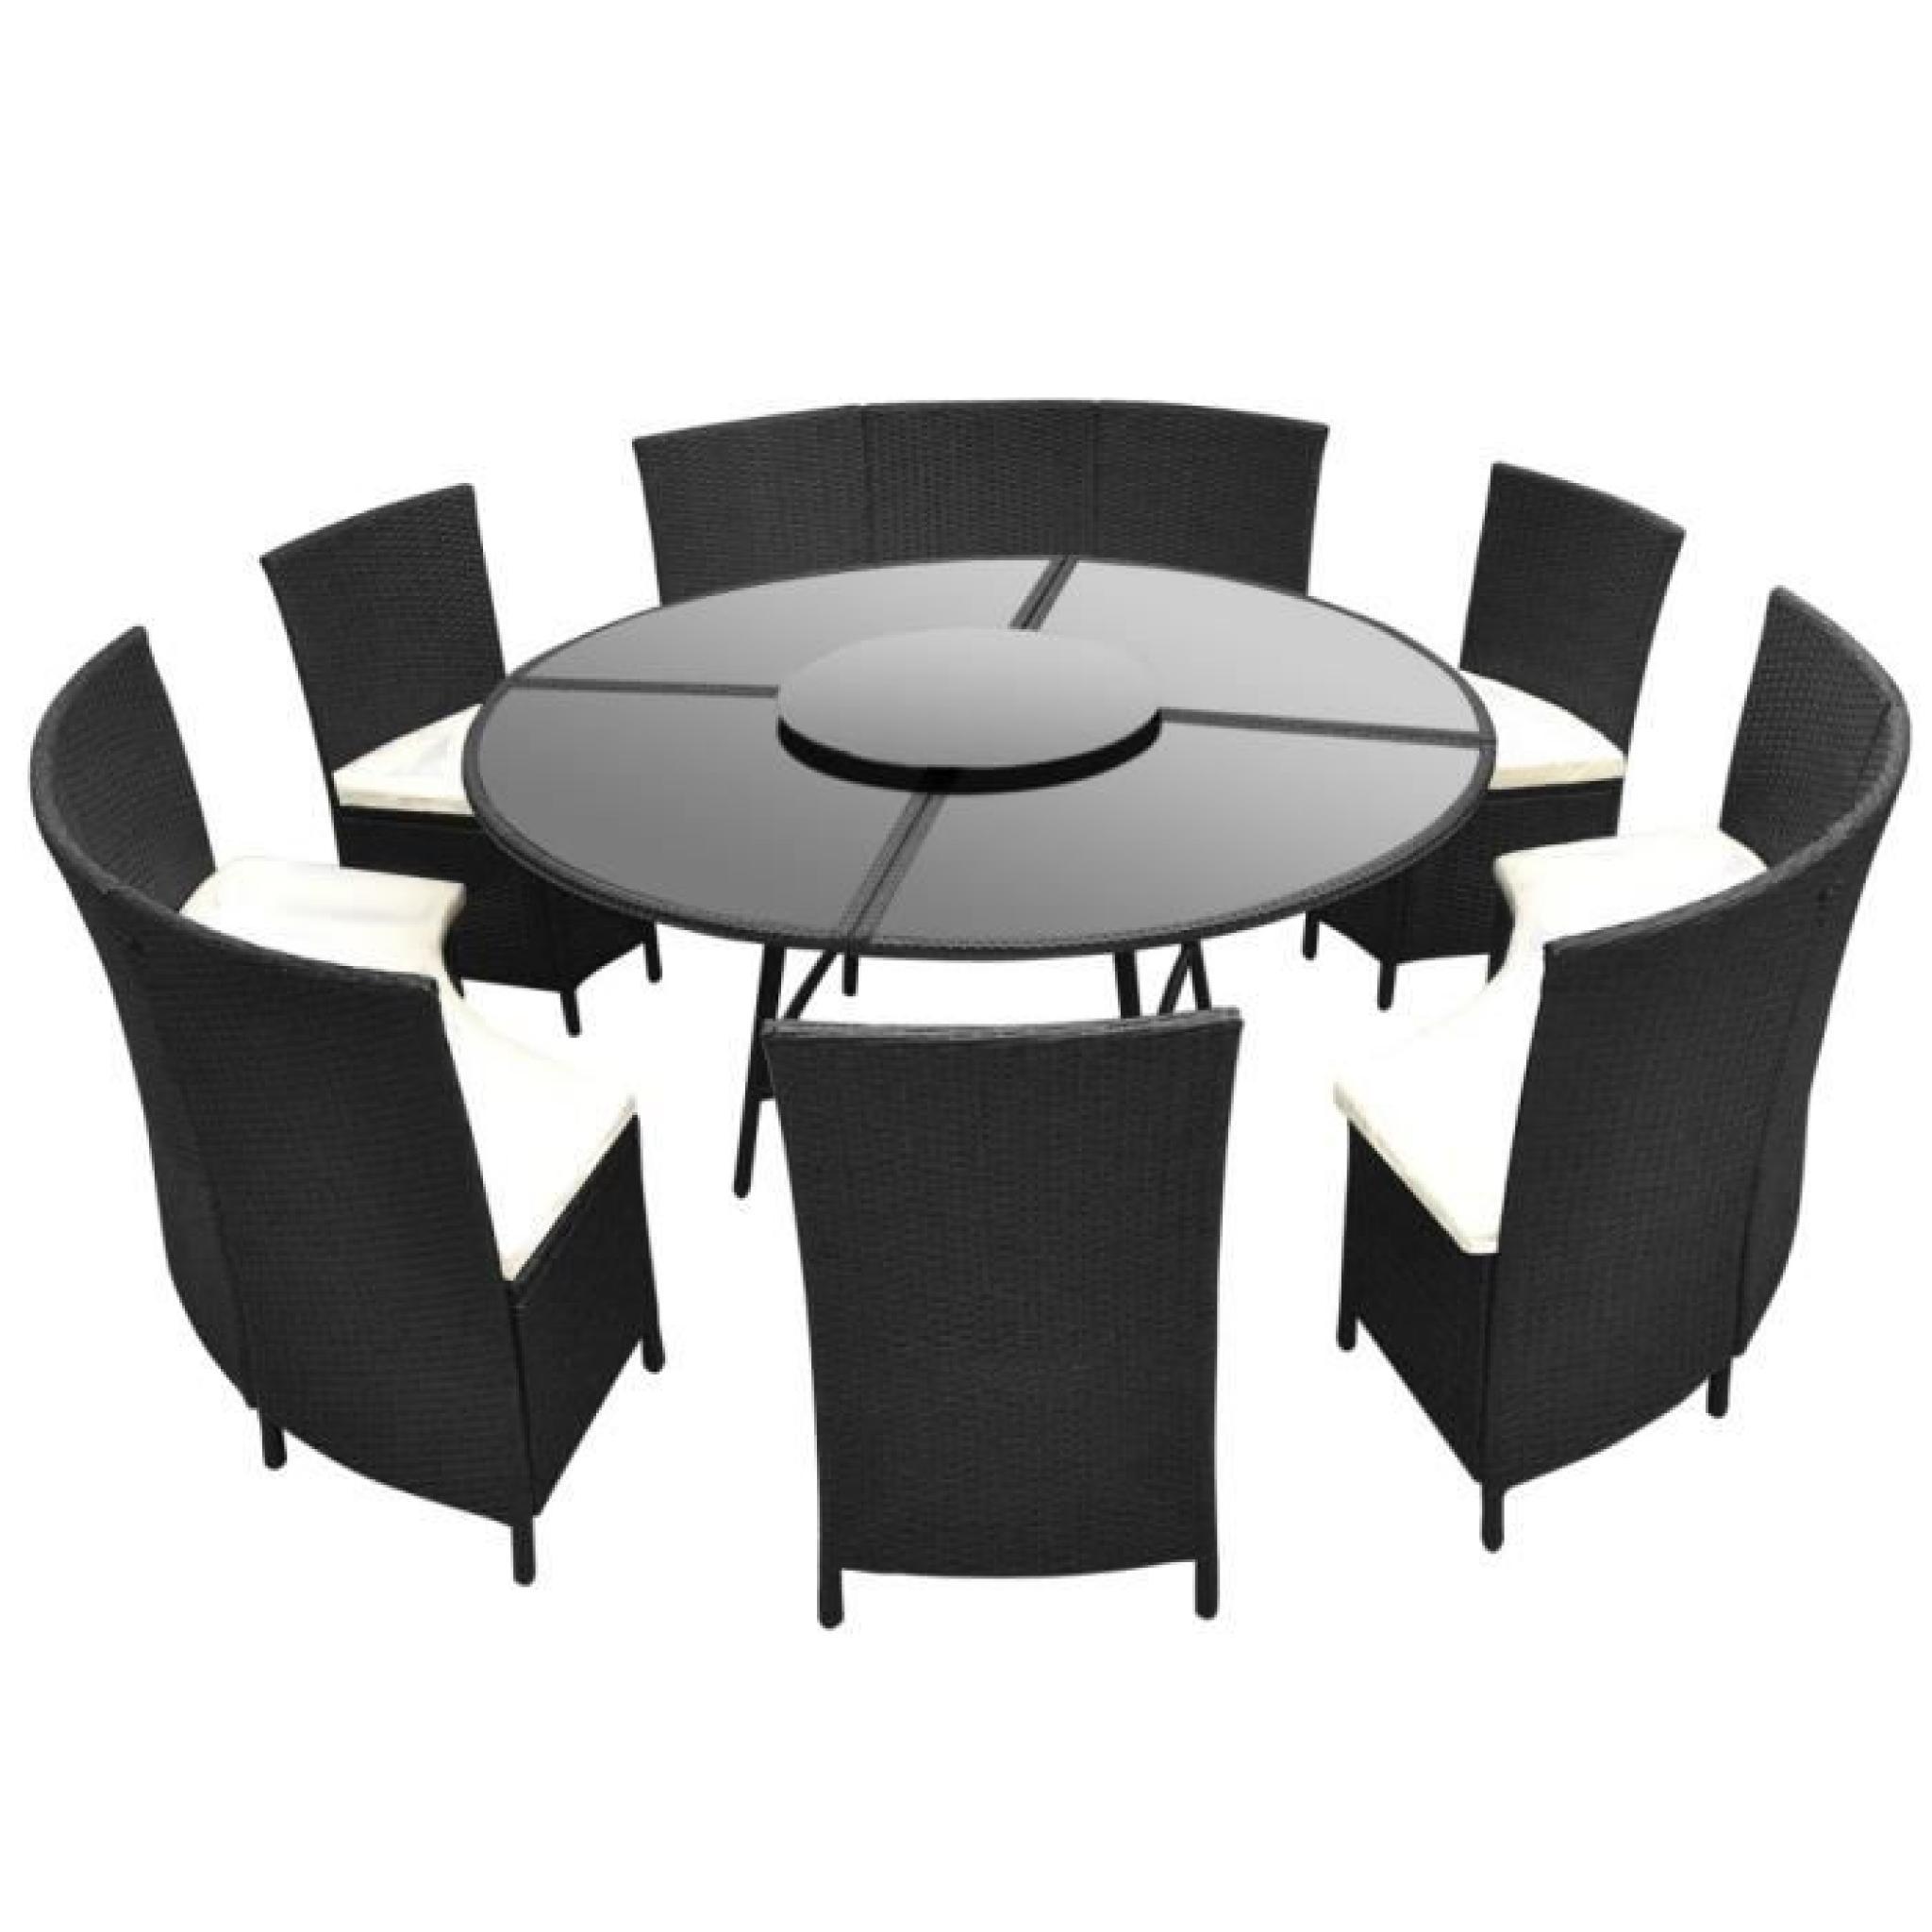 Salon De Jardin Noir En Polyrotin Table Ronde Et Chaises 12 Pers. tout Table Jardin Ronde Pas Cher